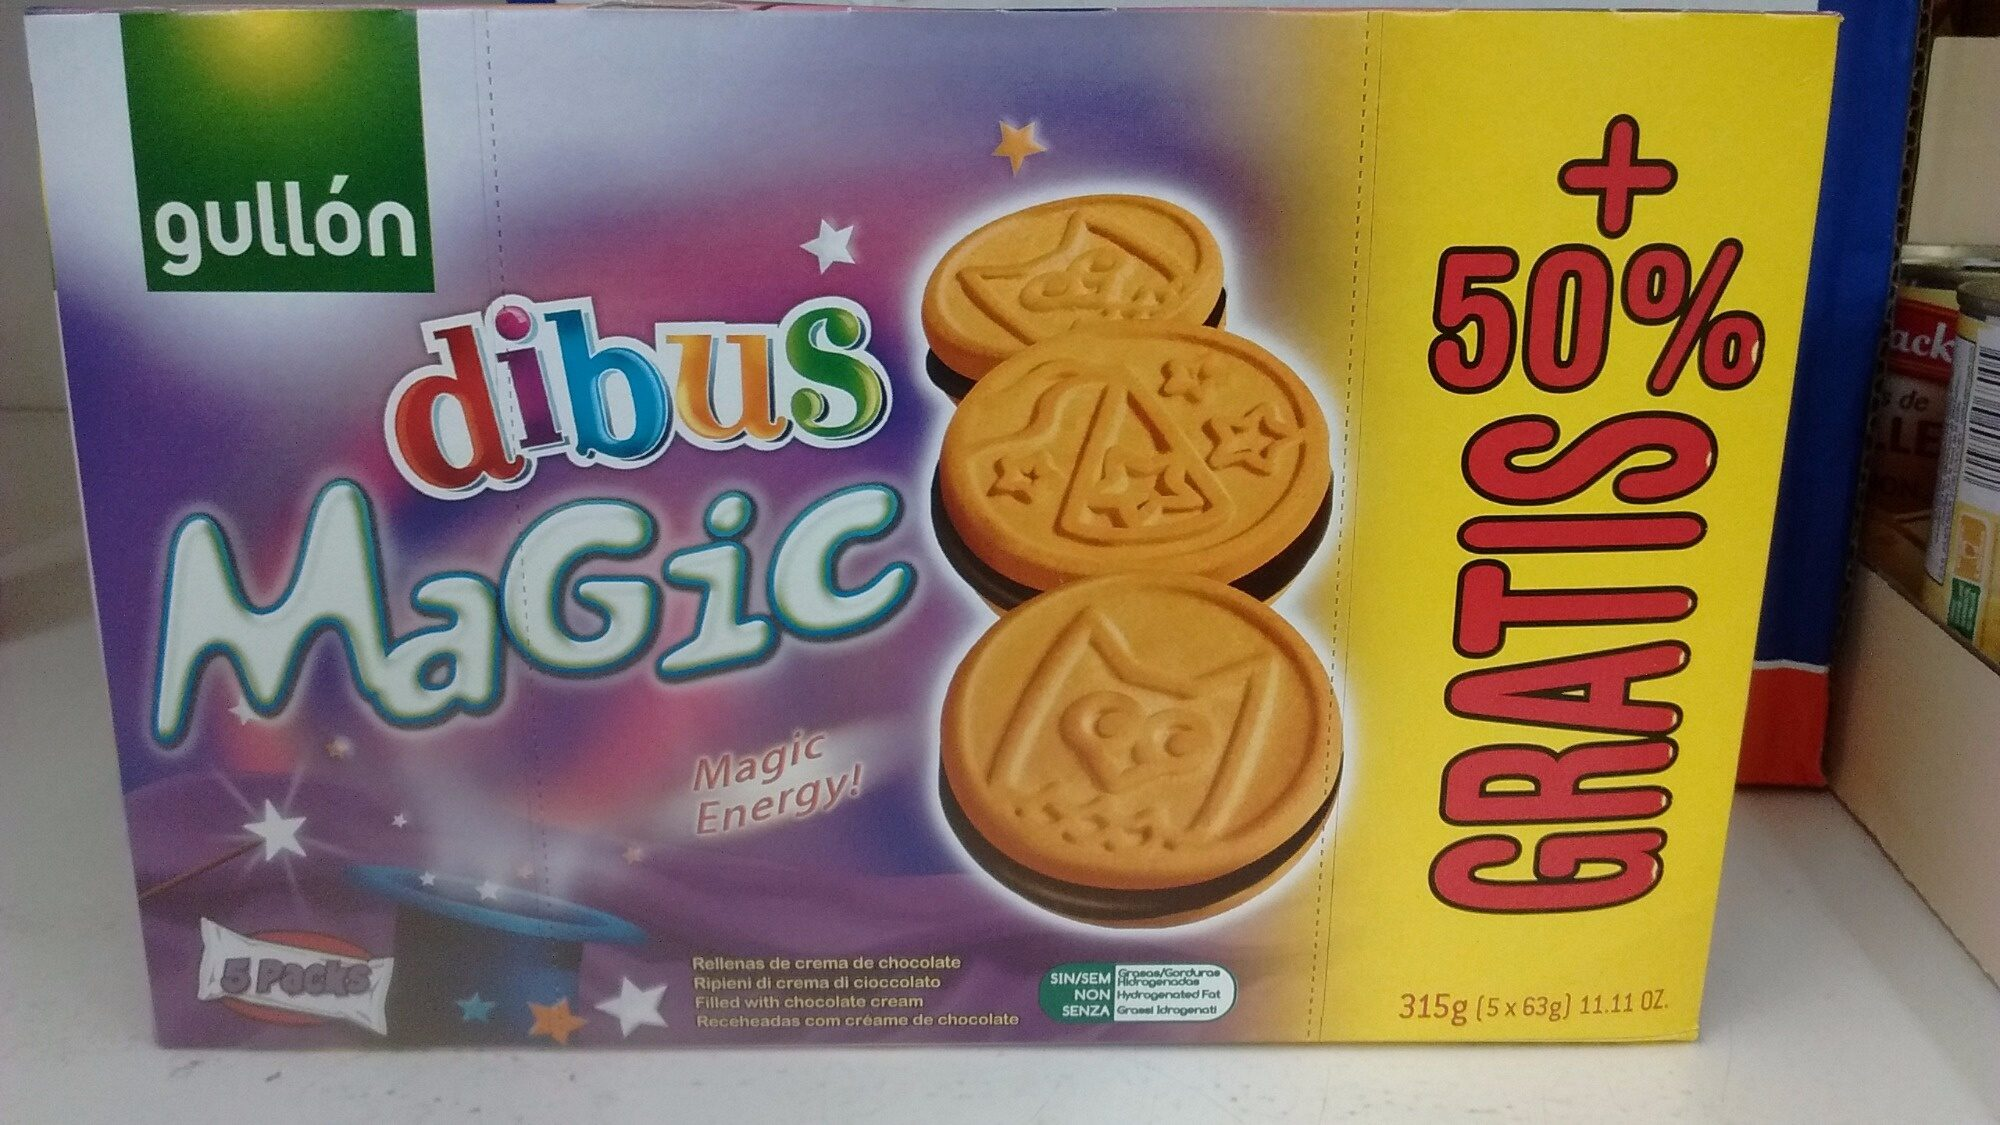 Magic dibus - Product